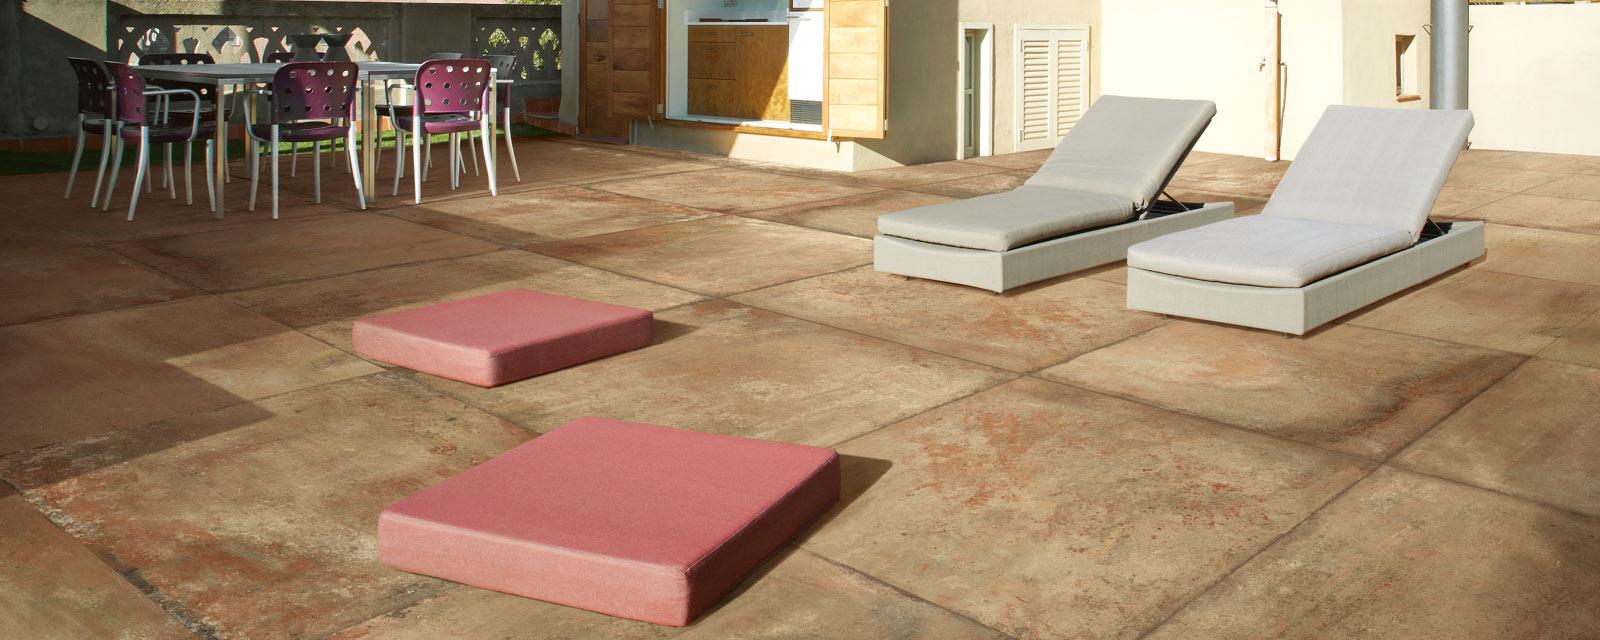 Carrelage Exterieur Pour Terrasses Escaliers Guide Artisan